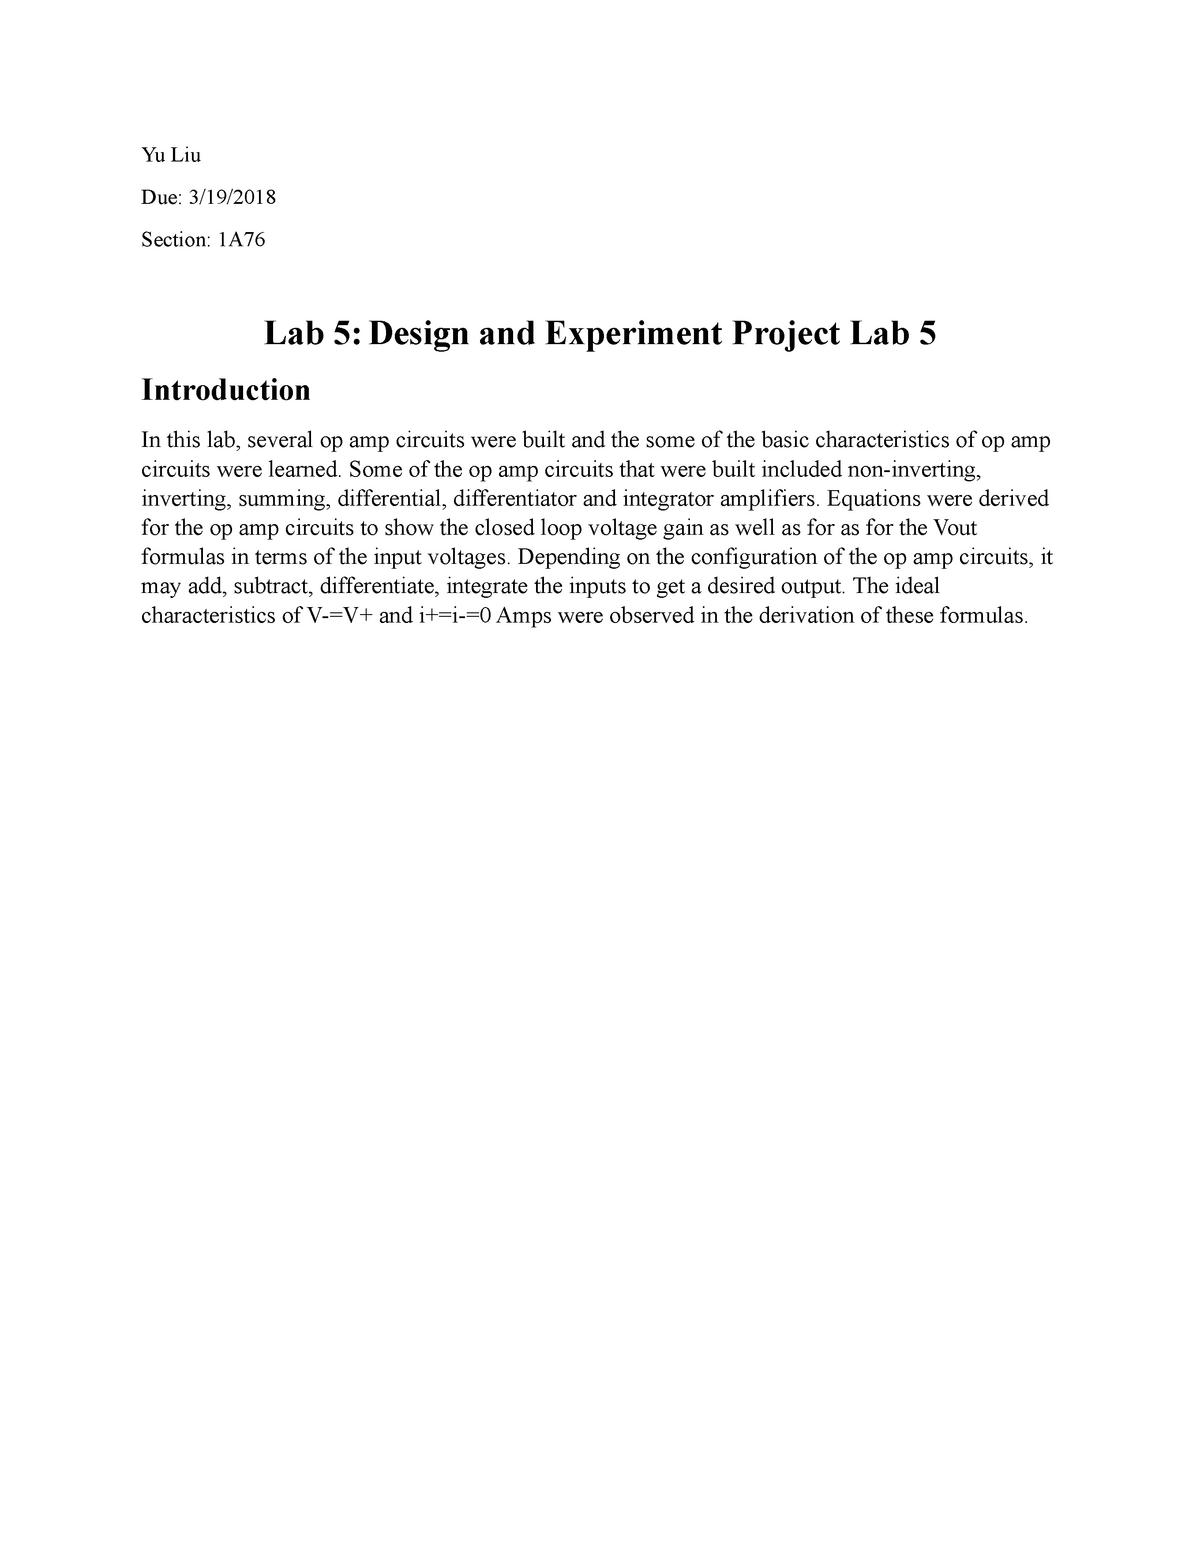 EEE3308 Lab 5 - Homework assignment for Allen Turner - EEE